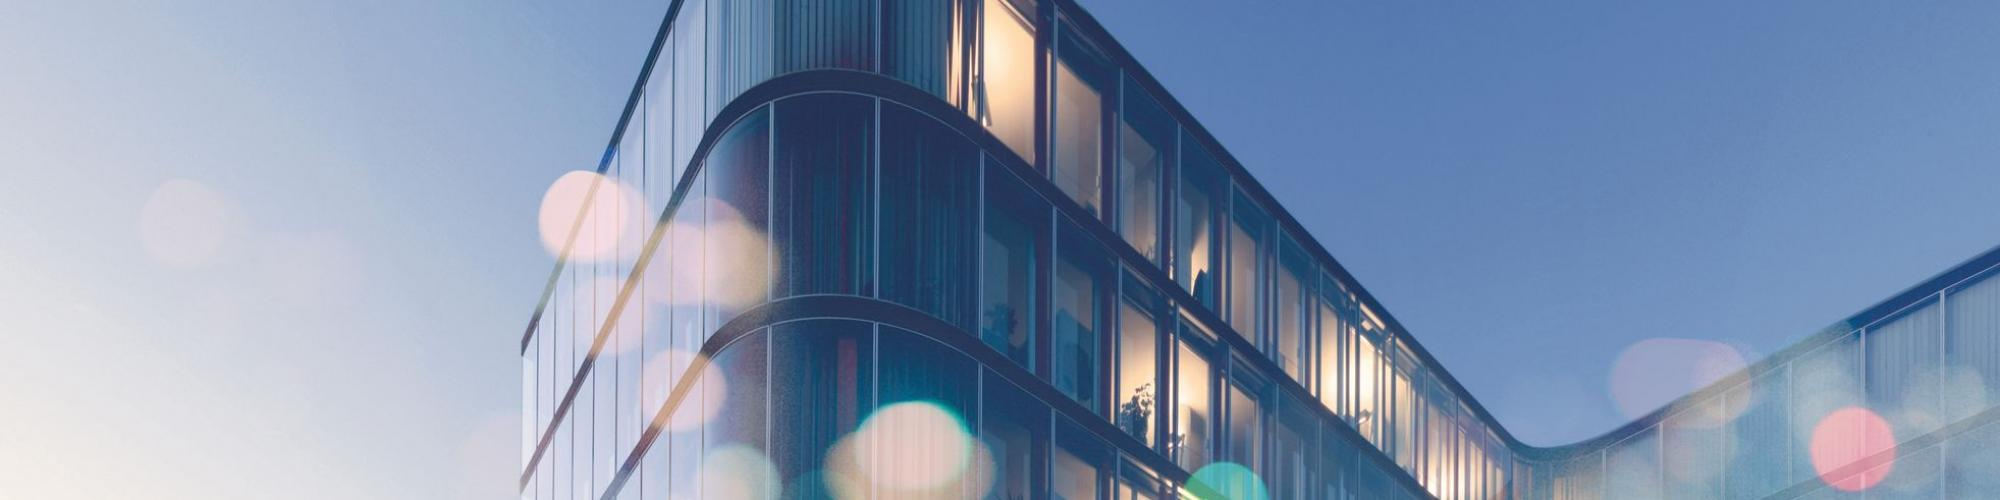 Bouygues Energies & Services Intec Schweiz AG